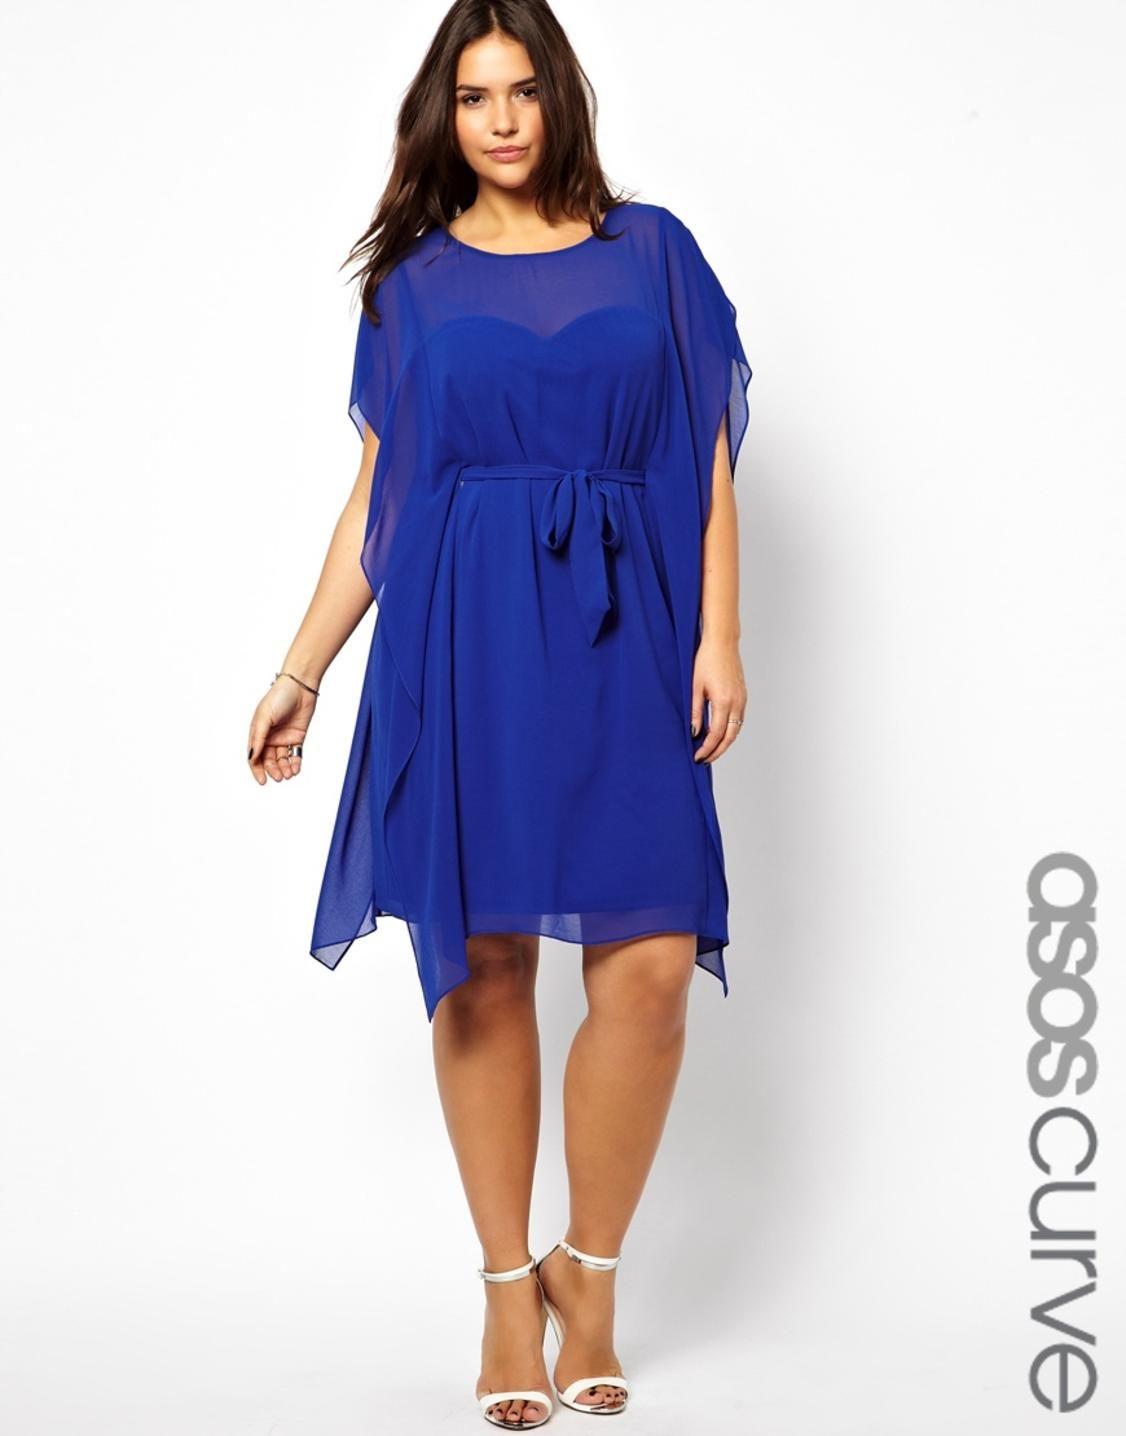 Curve plus size dresses